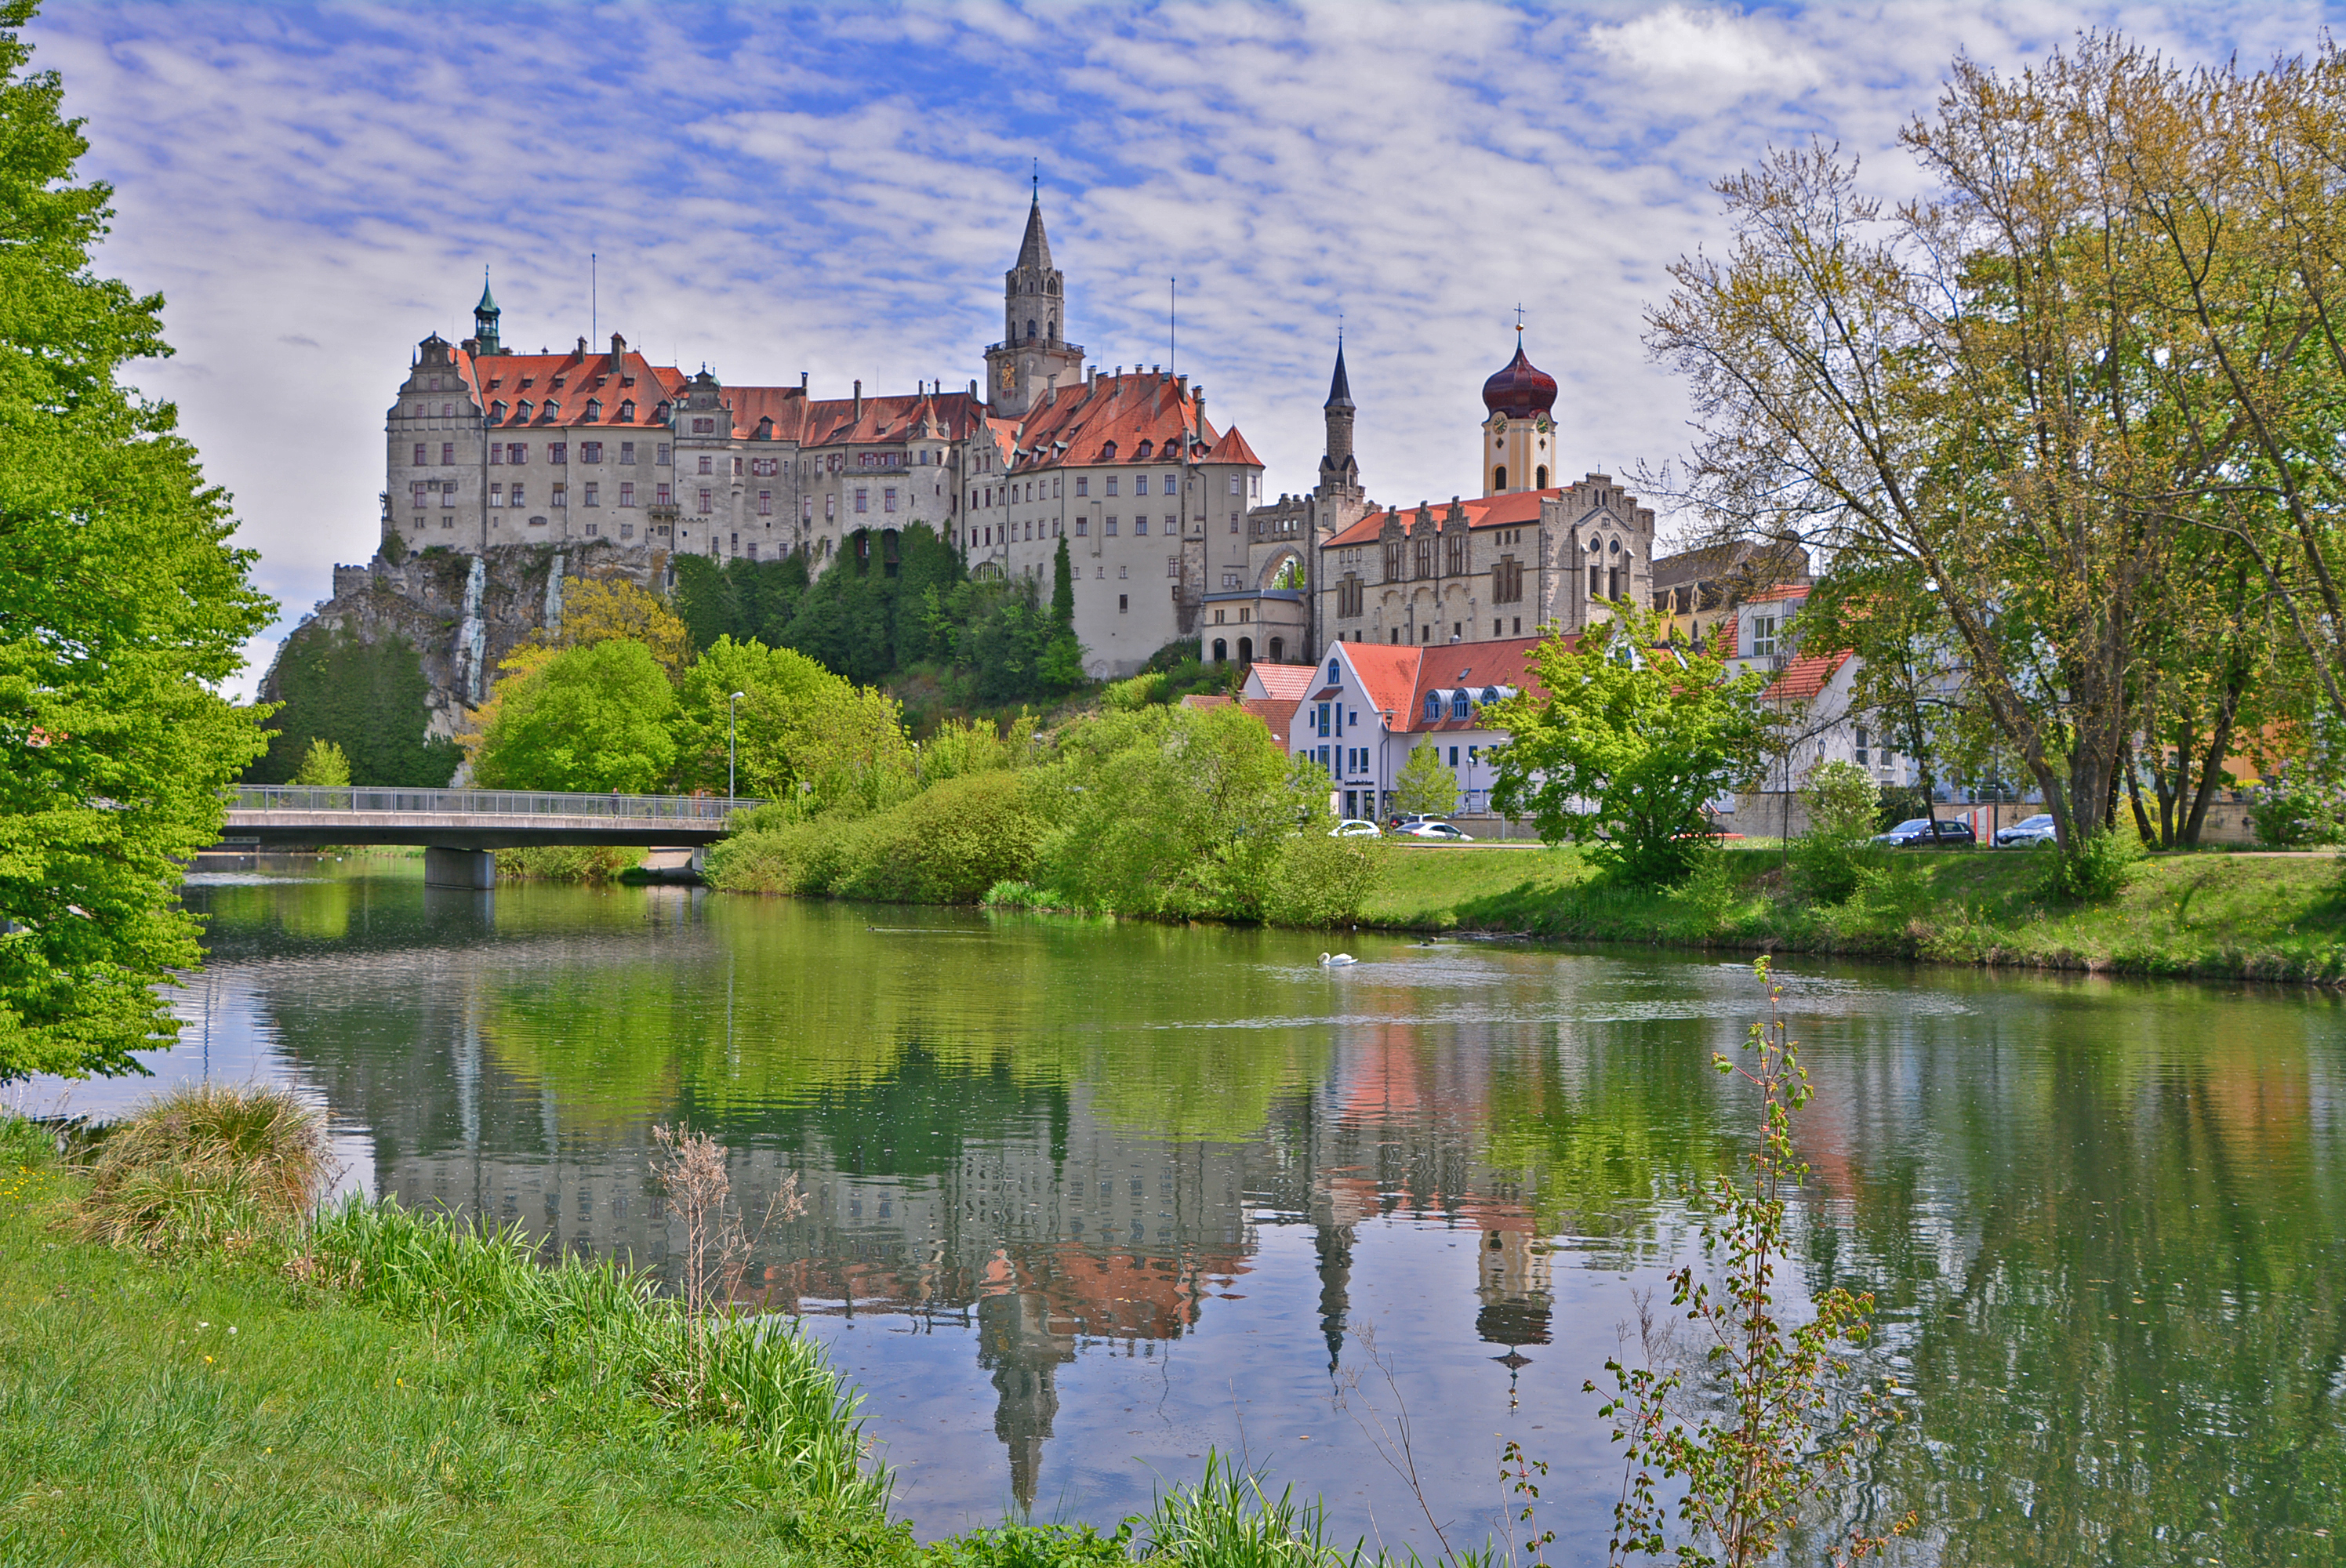 Hohenzollernschloss